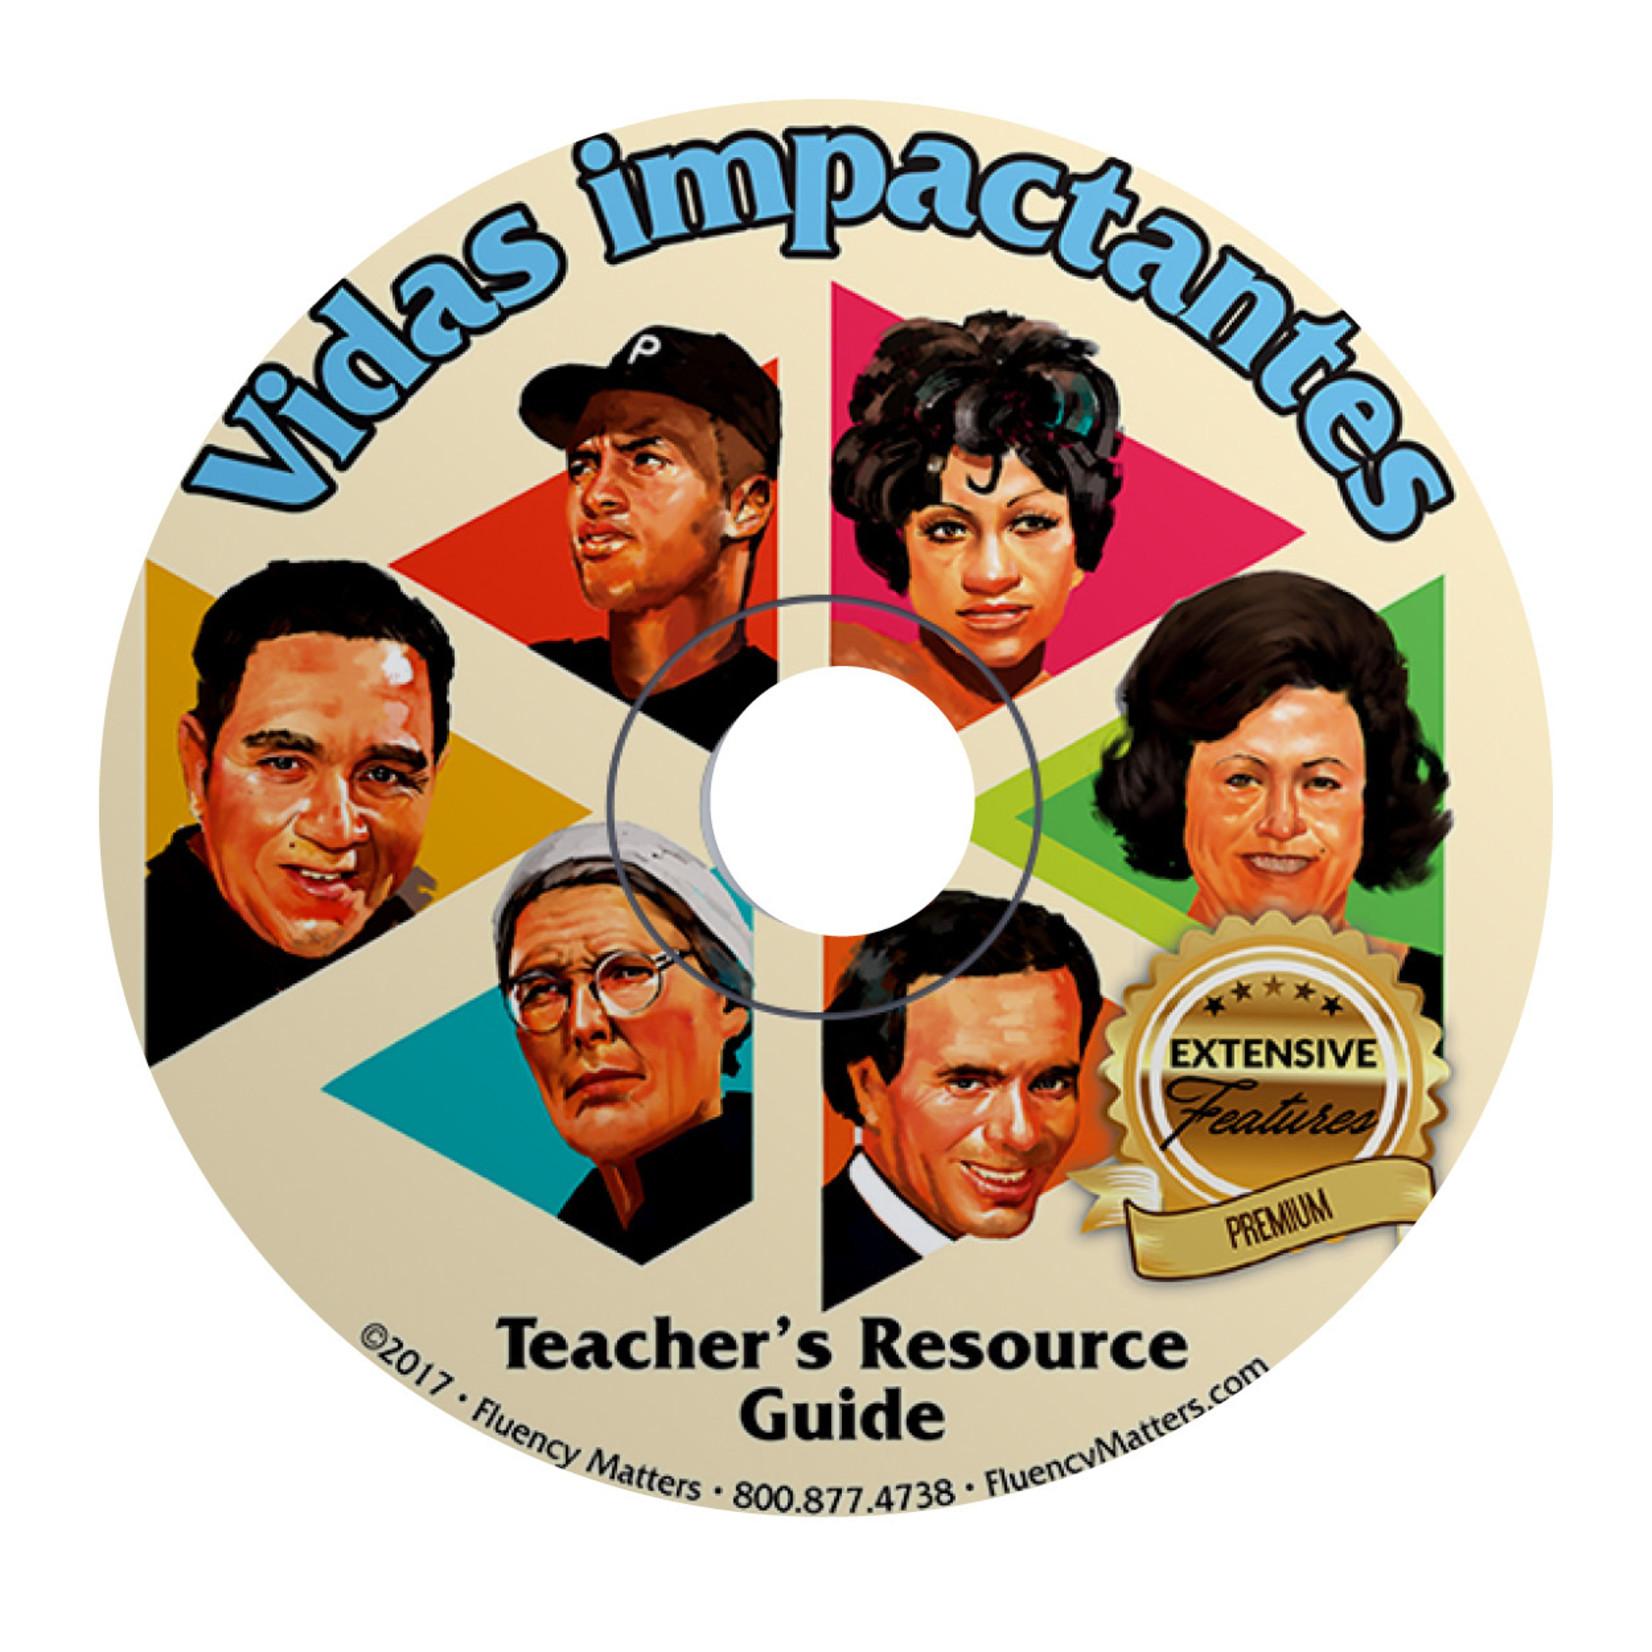 Fluency Matters Vidas impactantes - Teacher's Guide